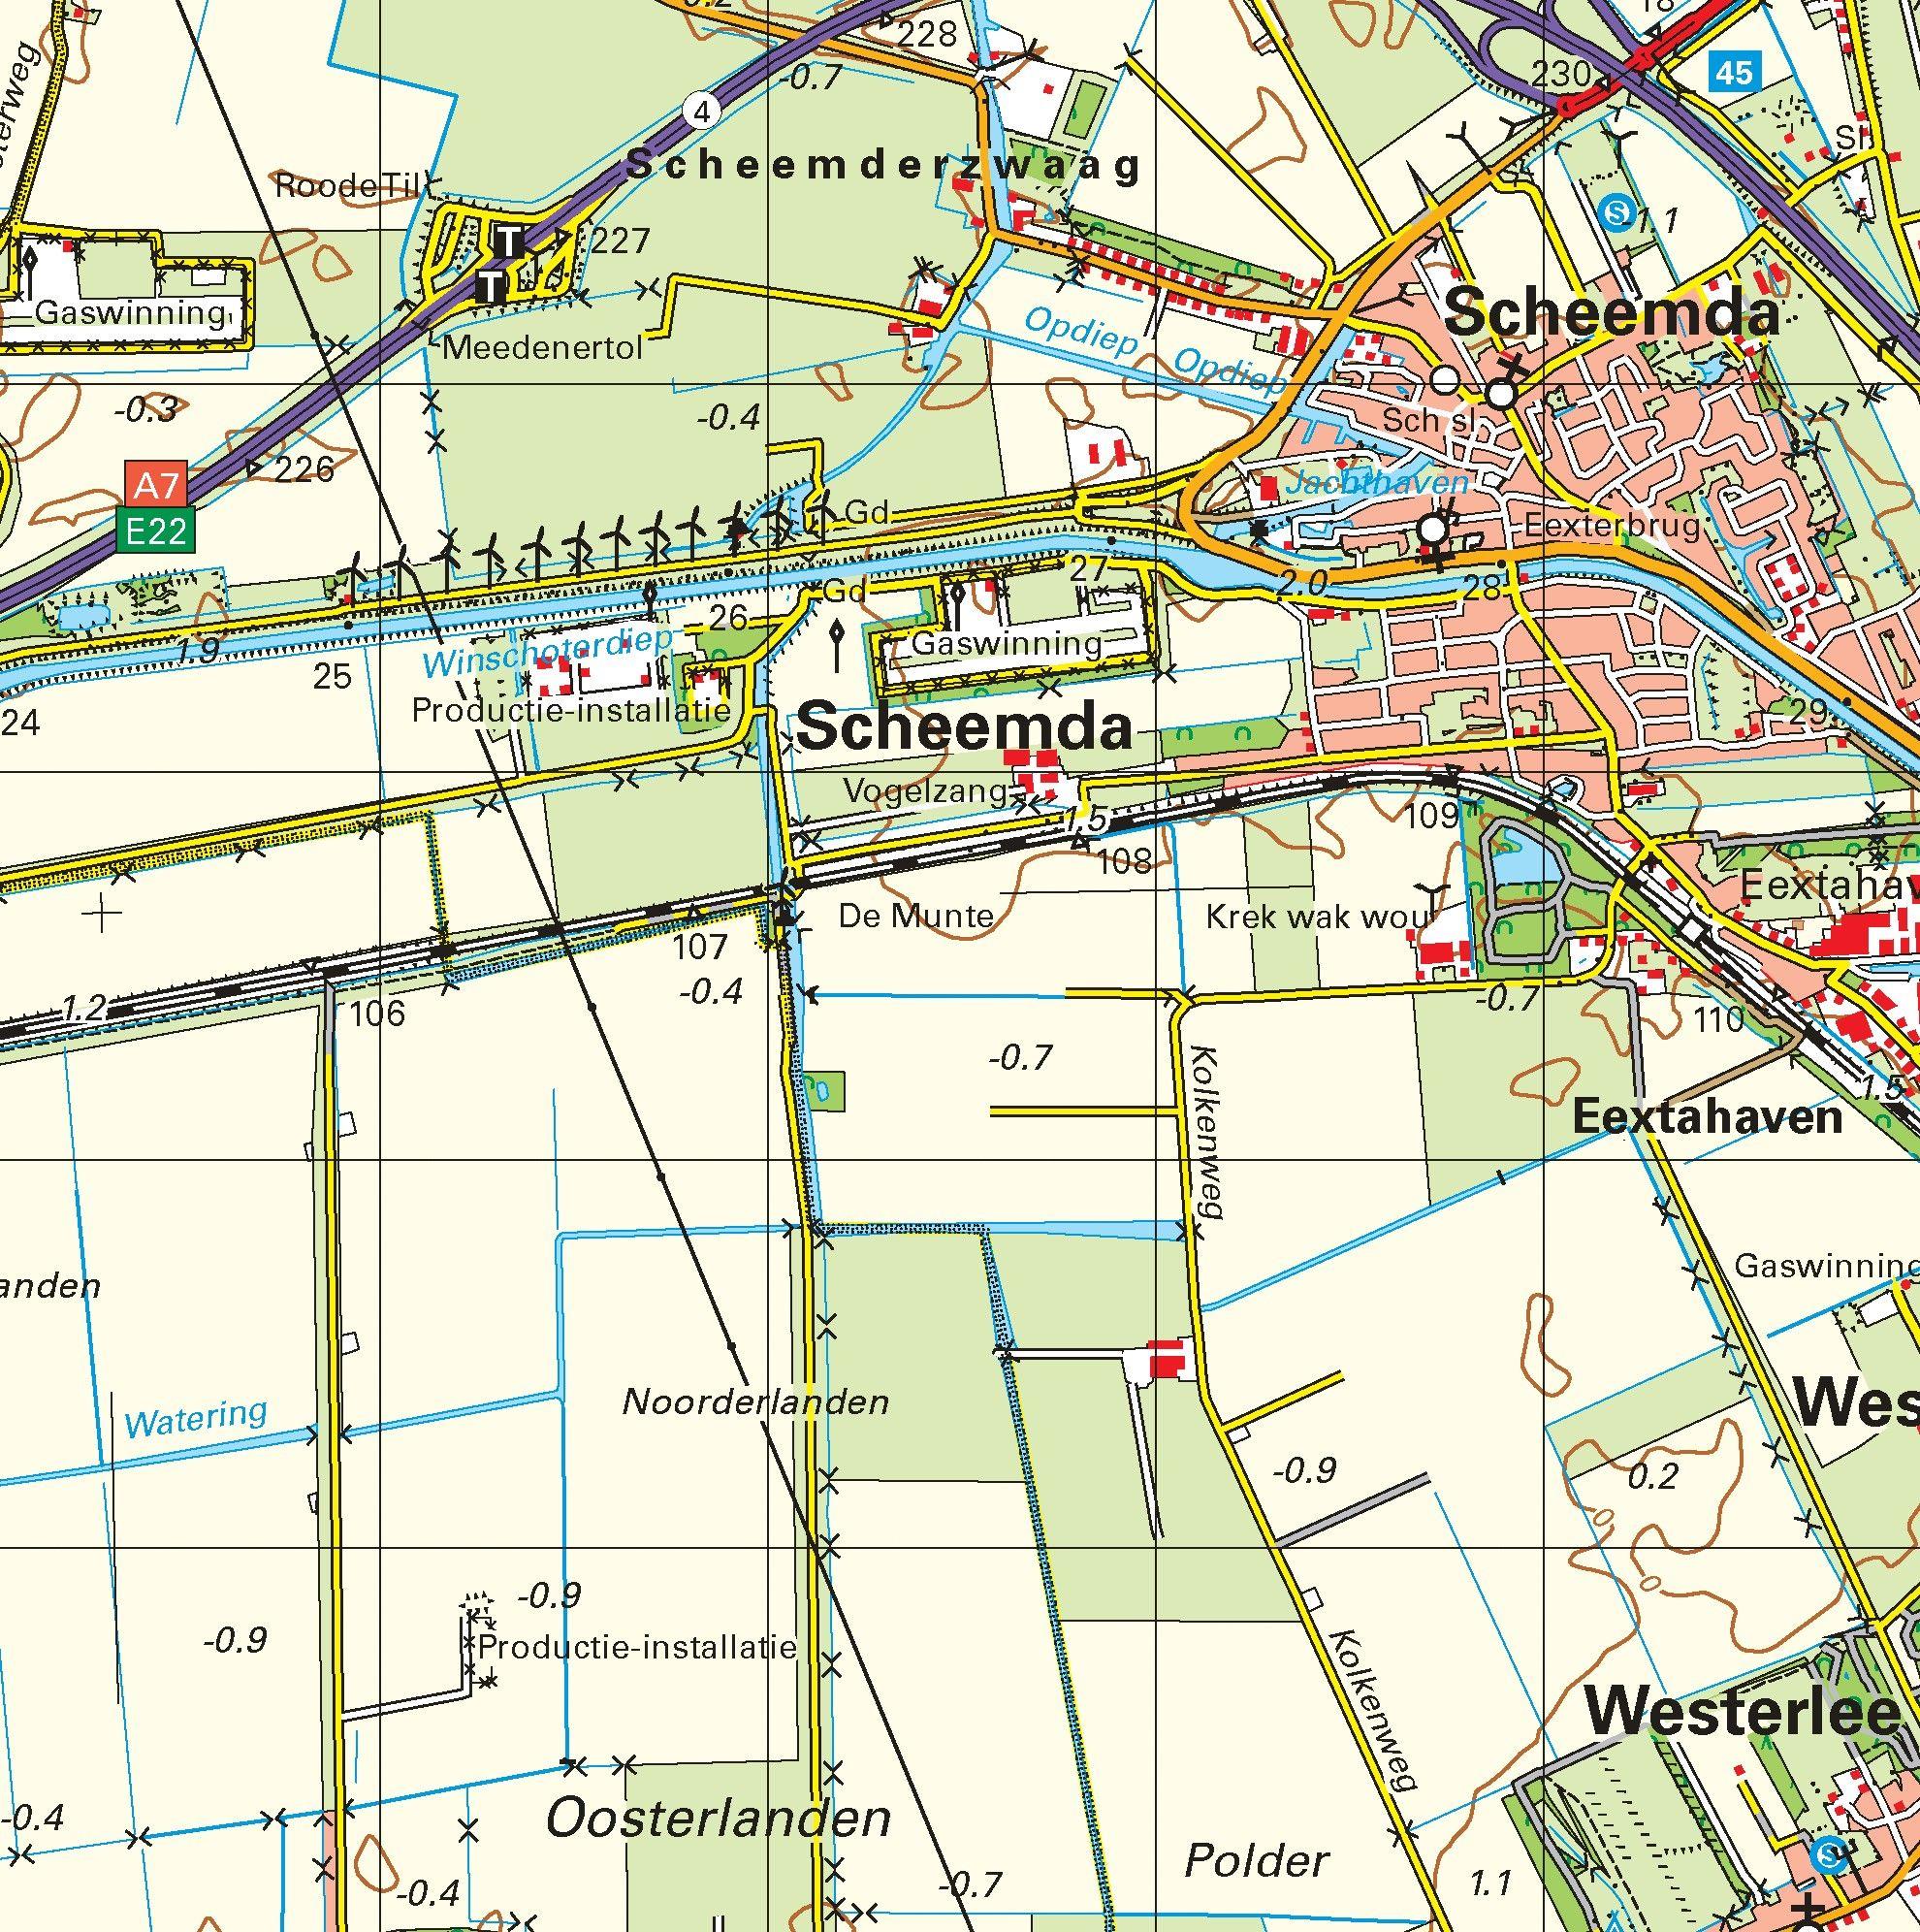 Topografische kaart schaal 1:50.000 (Delfzijl, Winschoten, Stadskanaal)